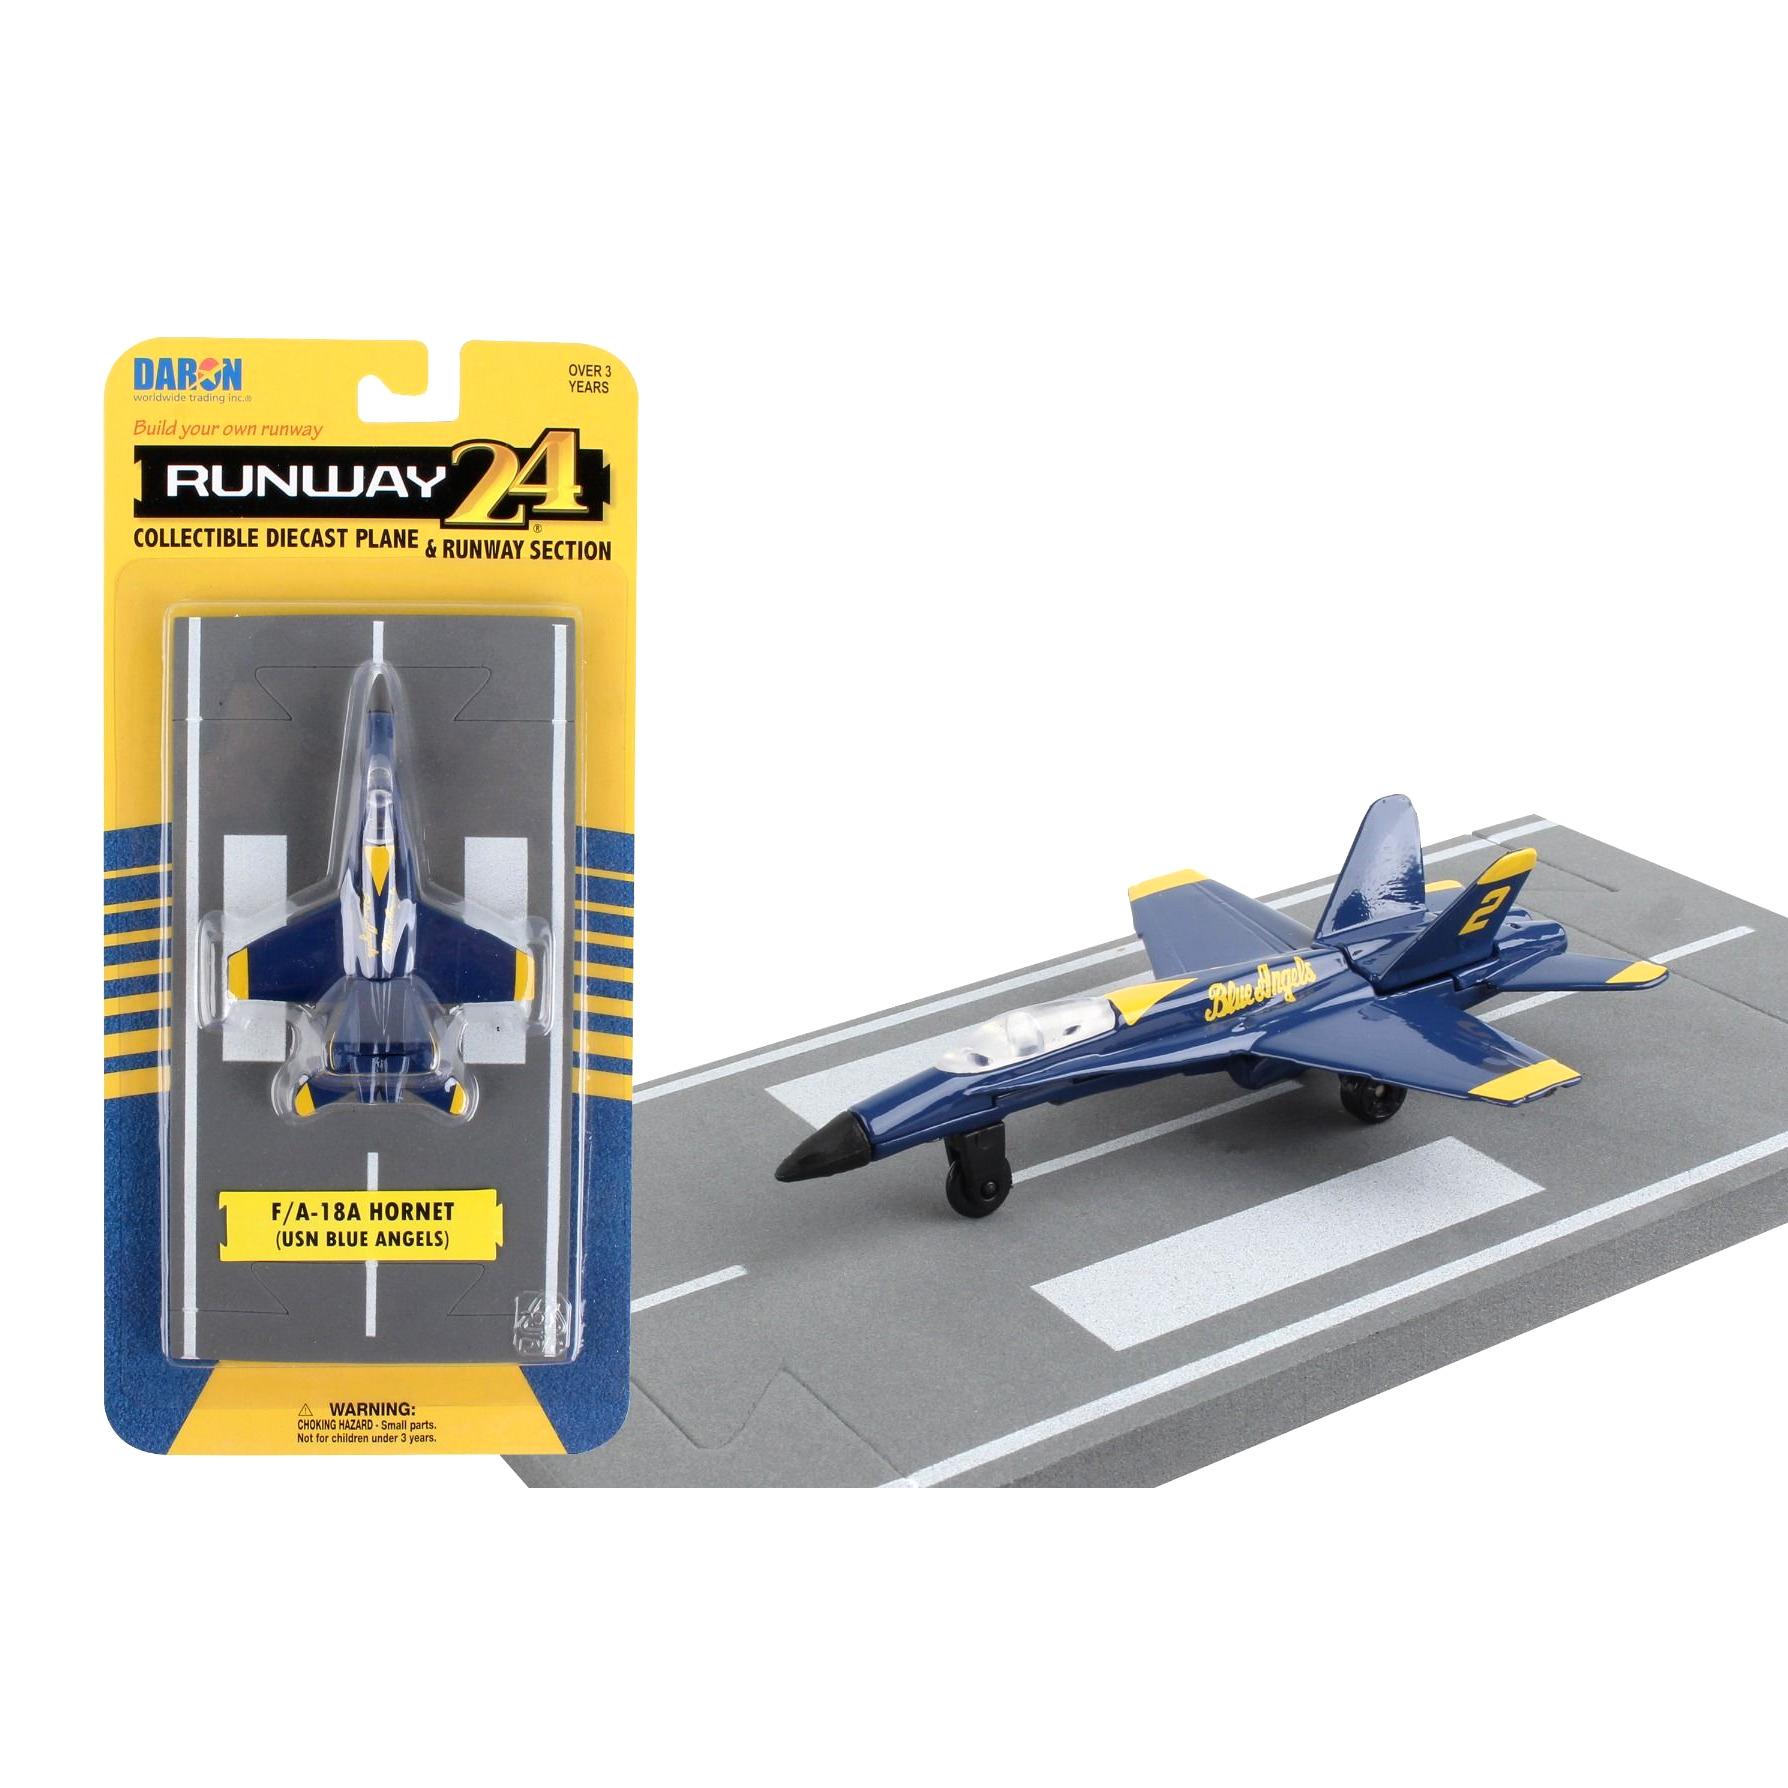 DARON/ダロン F/A-18 ブルーエンジェルス